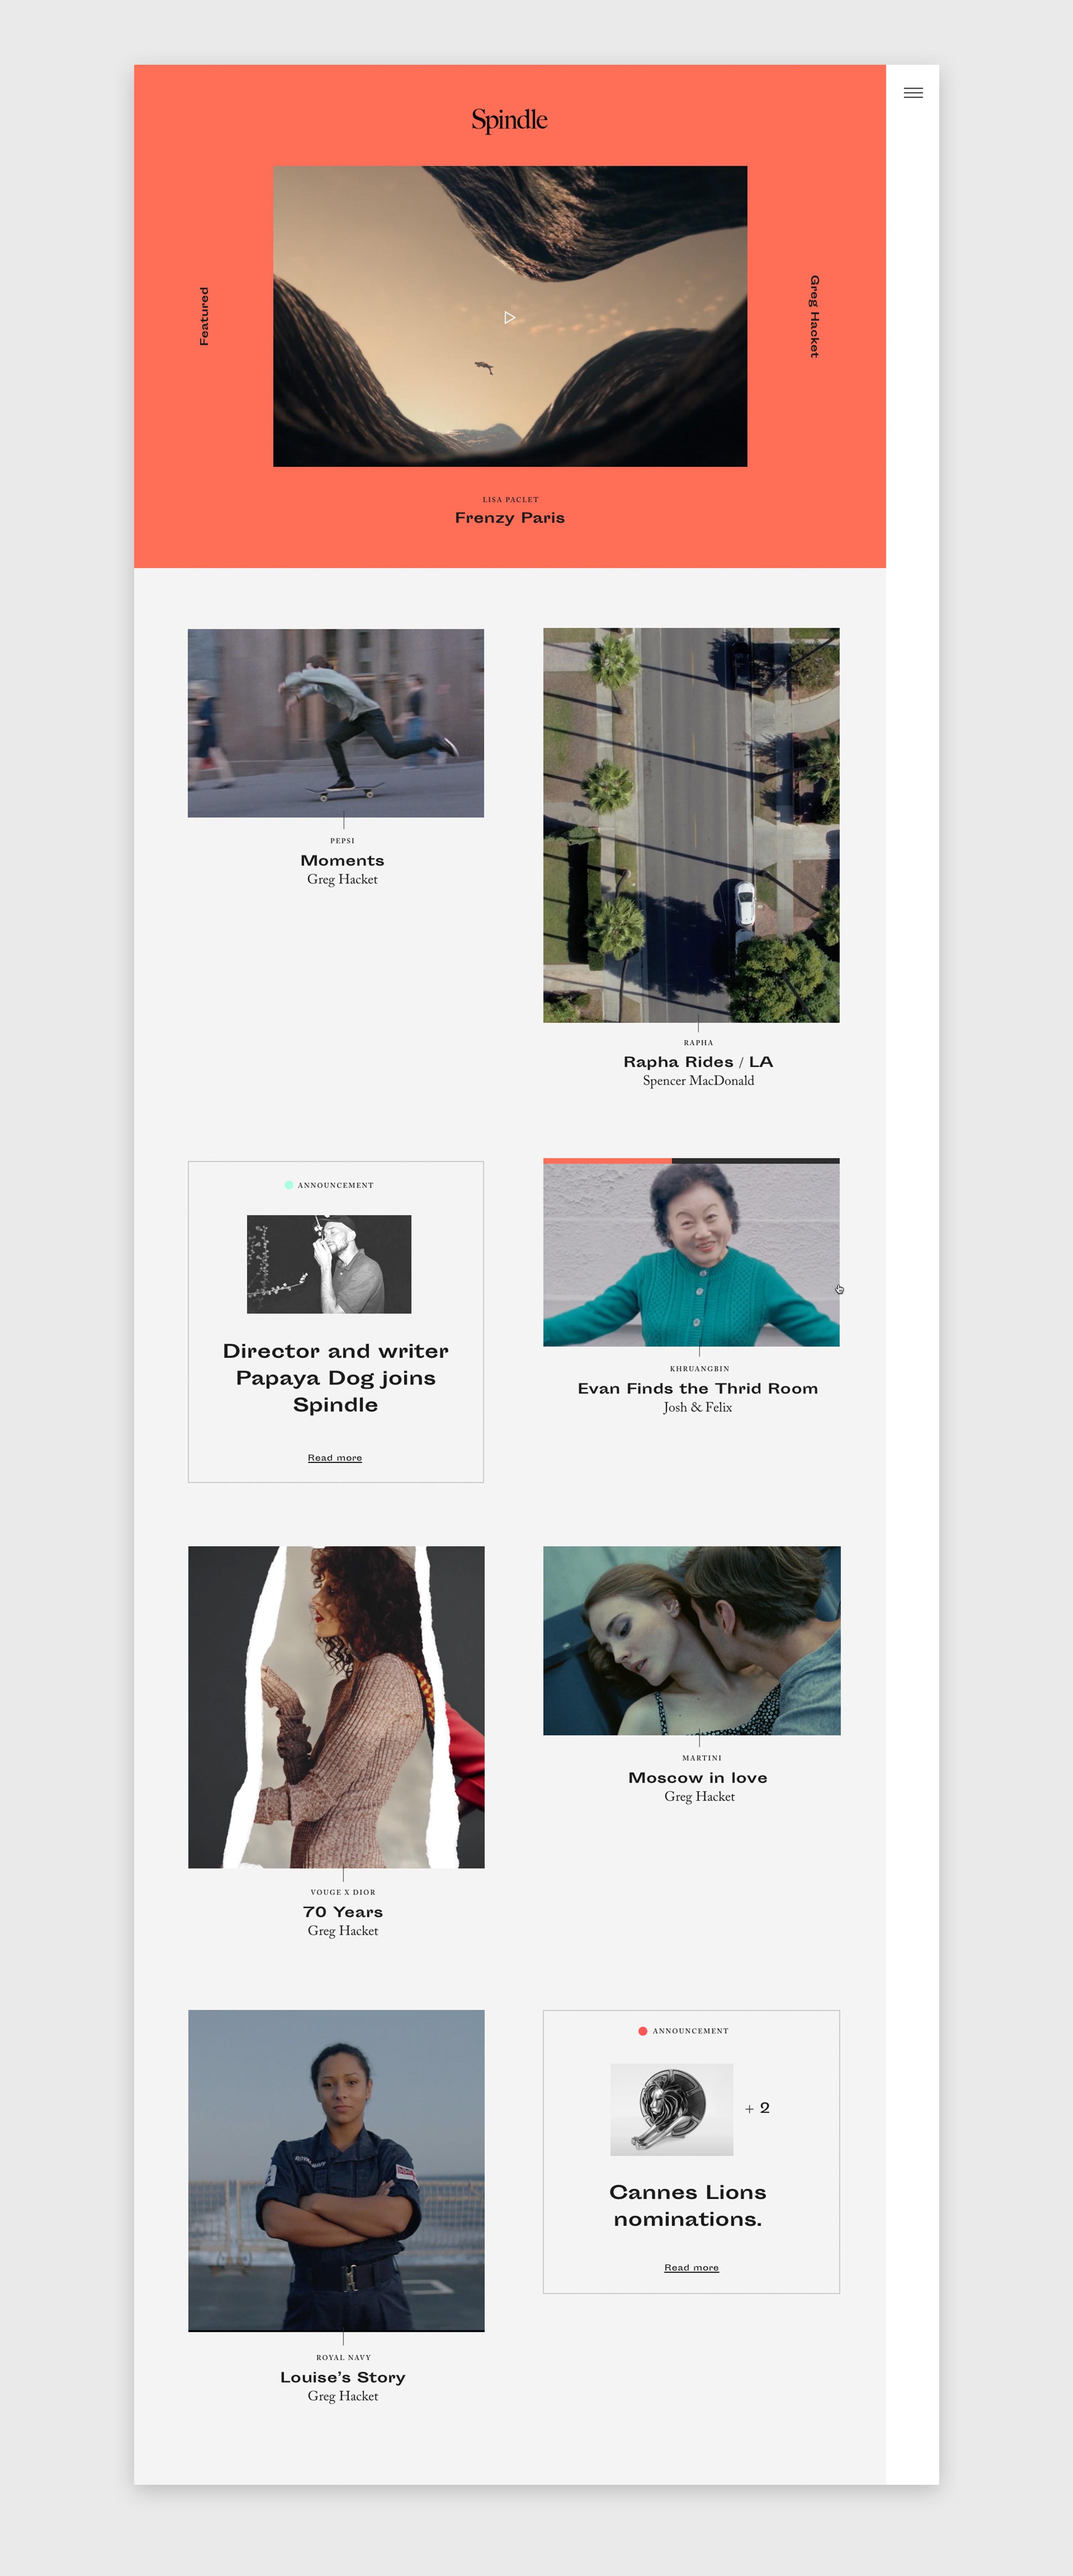 Spindle_Homepage_Desktop